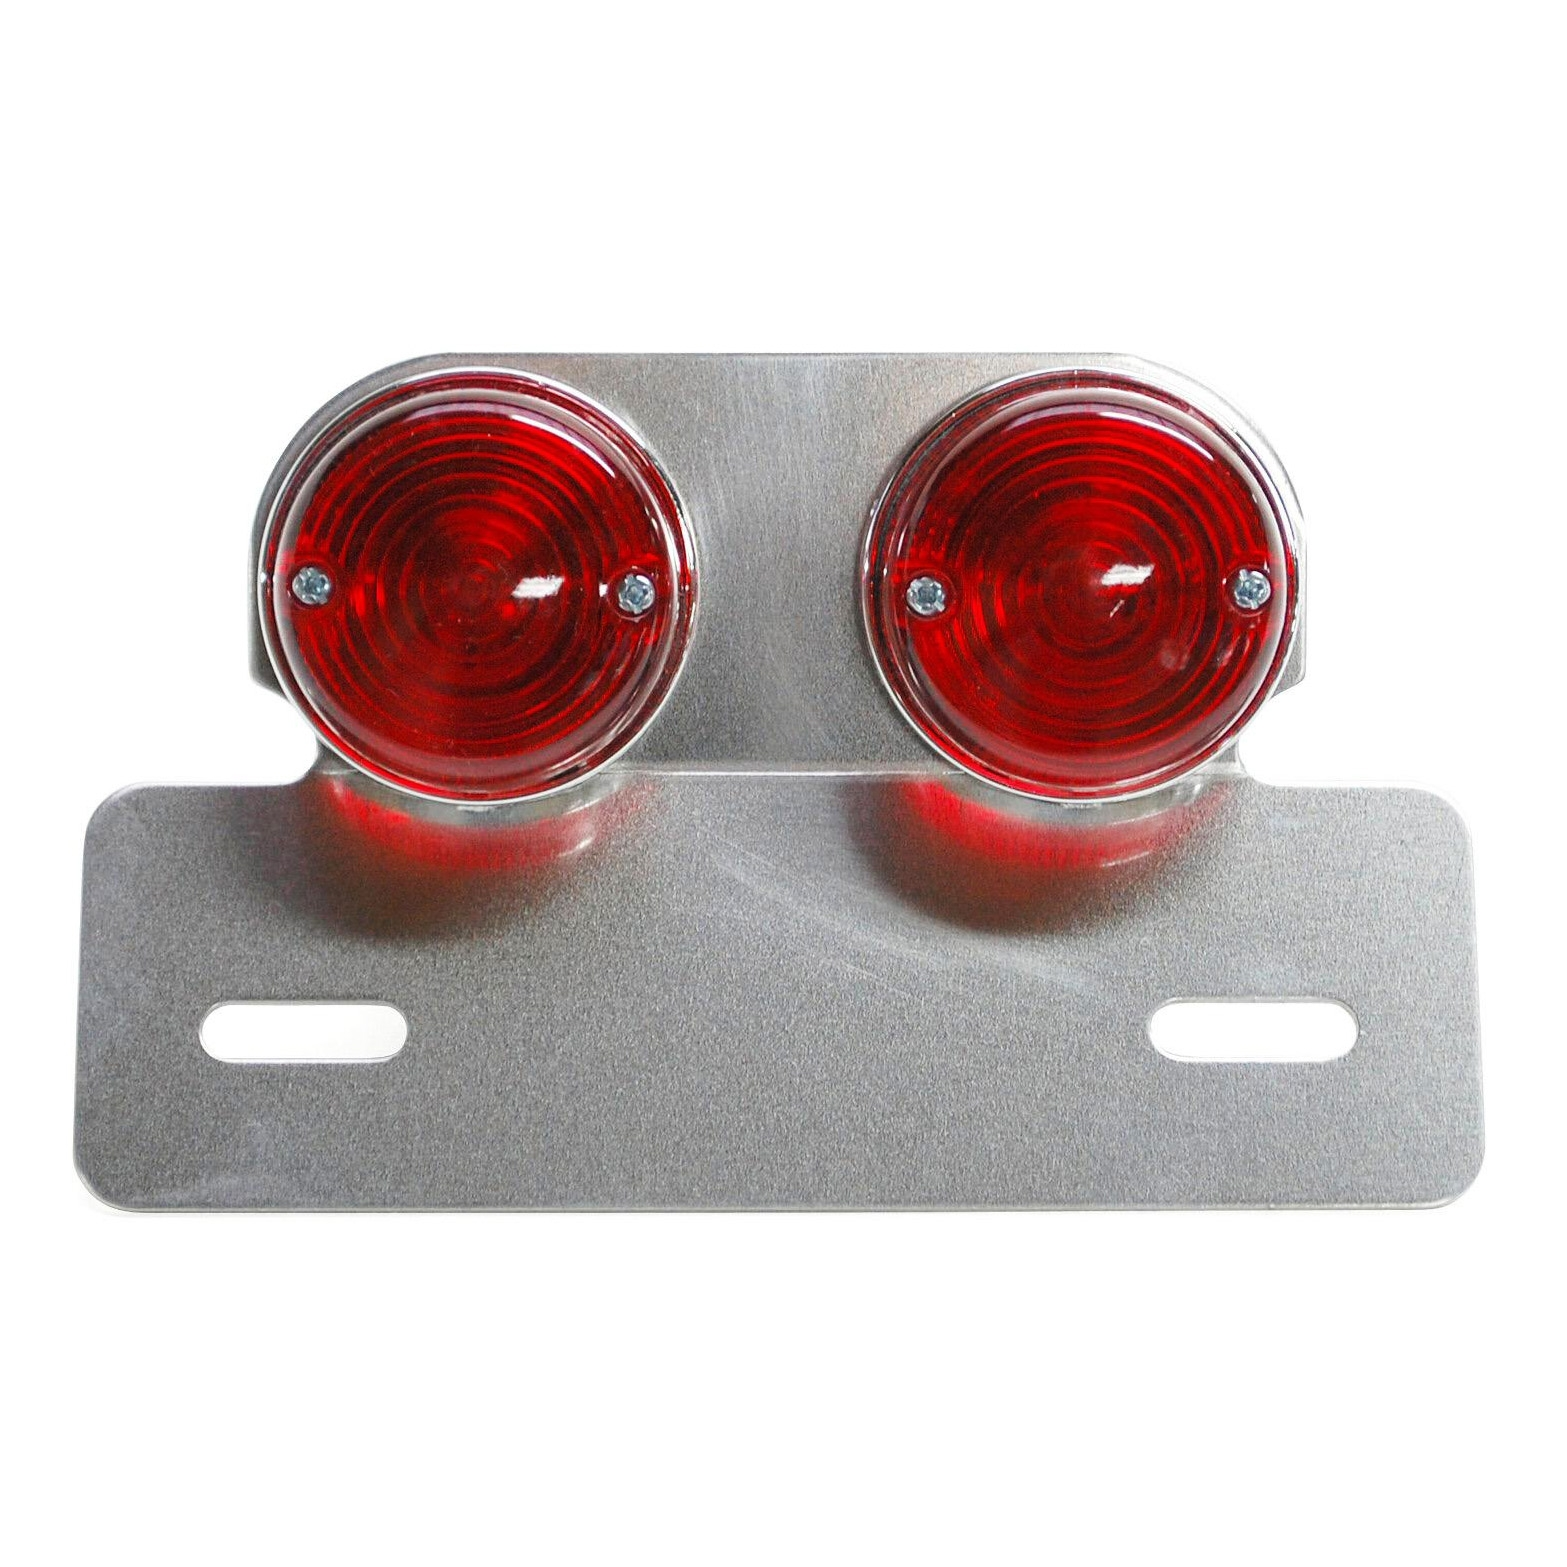 Feu arrière universel Replay sur platine argent 2 feux ronds rouges